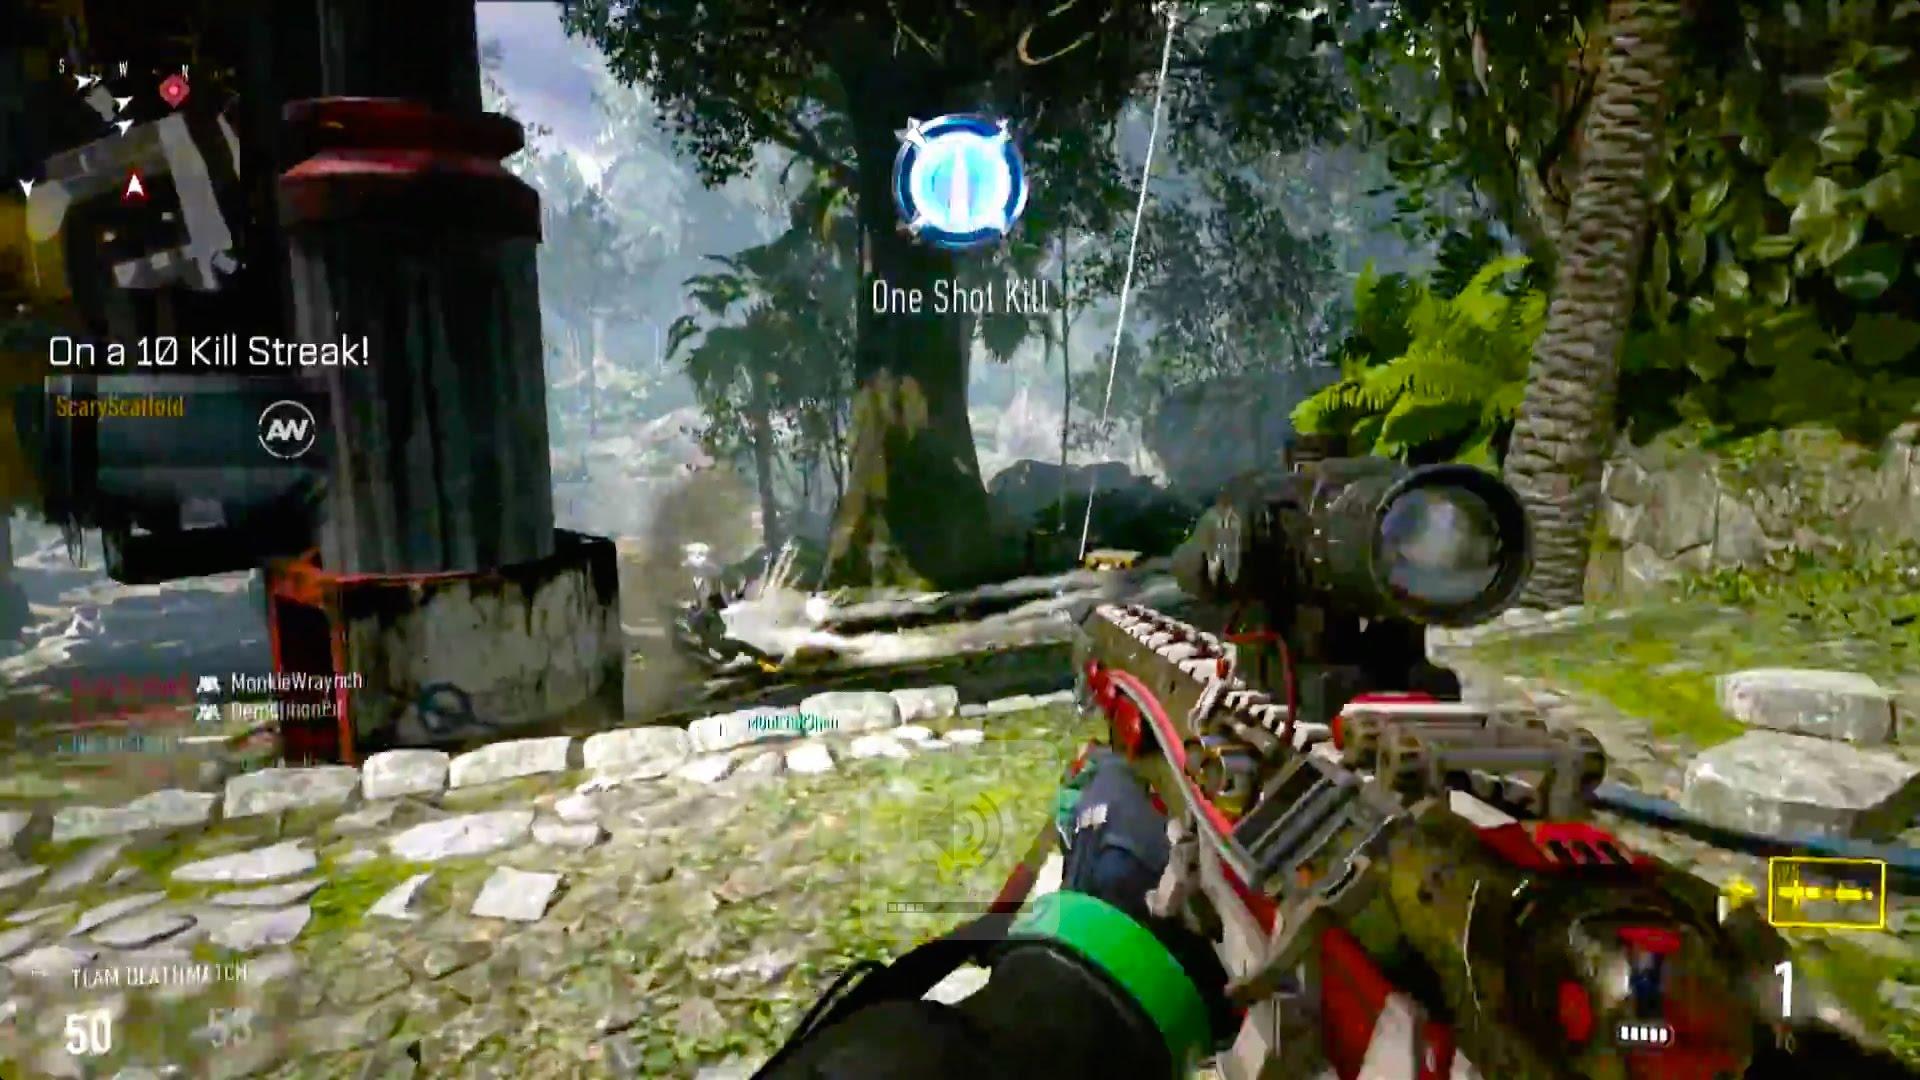 Call of Duty: Advance Warfare es exactamente lo mismo de siempre pero con Kevin Spacey, sin modos novedosos ni mecánicas mejoradas